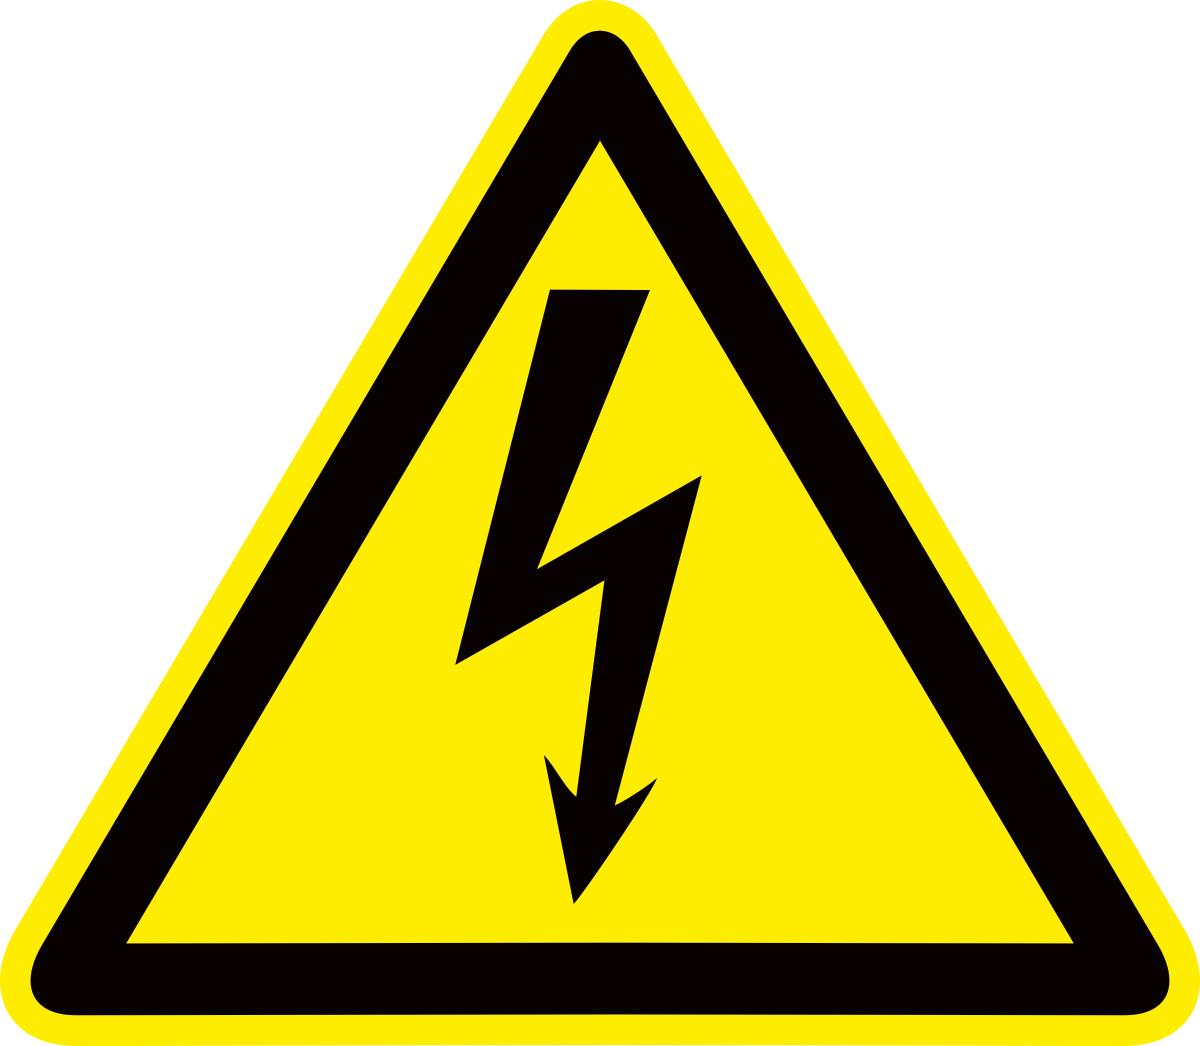 Наклейка информационная Оранжевый Слоник Опасность поражения электрическим током, 15 х 15 см таблички информационные оранжевый слоник наклейка информационная место для мусора 2 шт